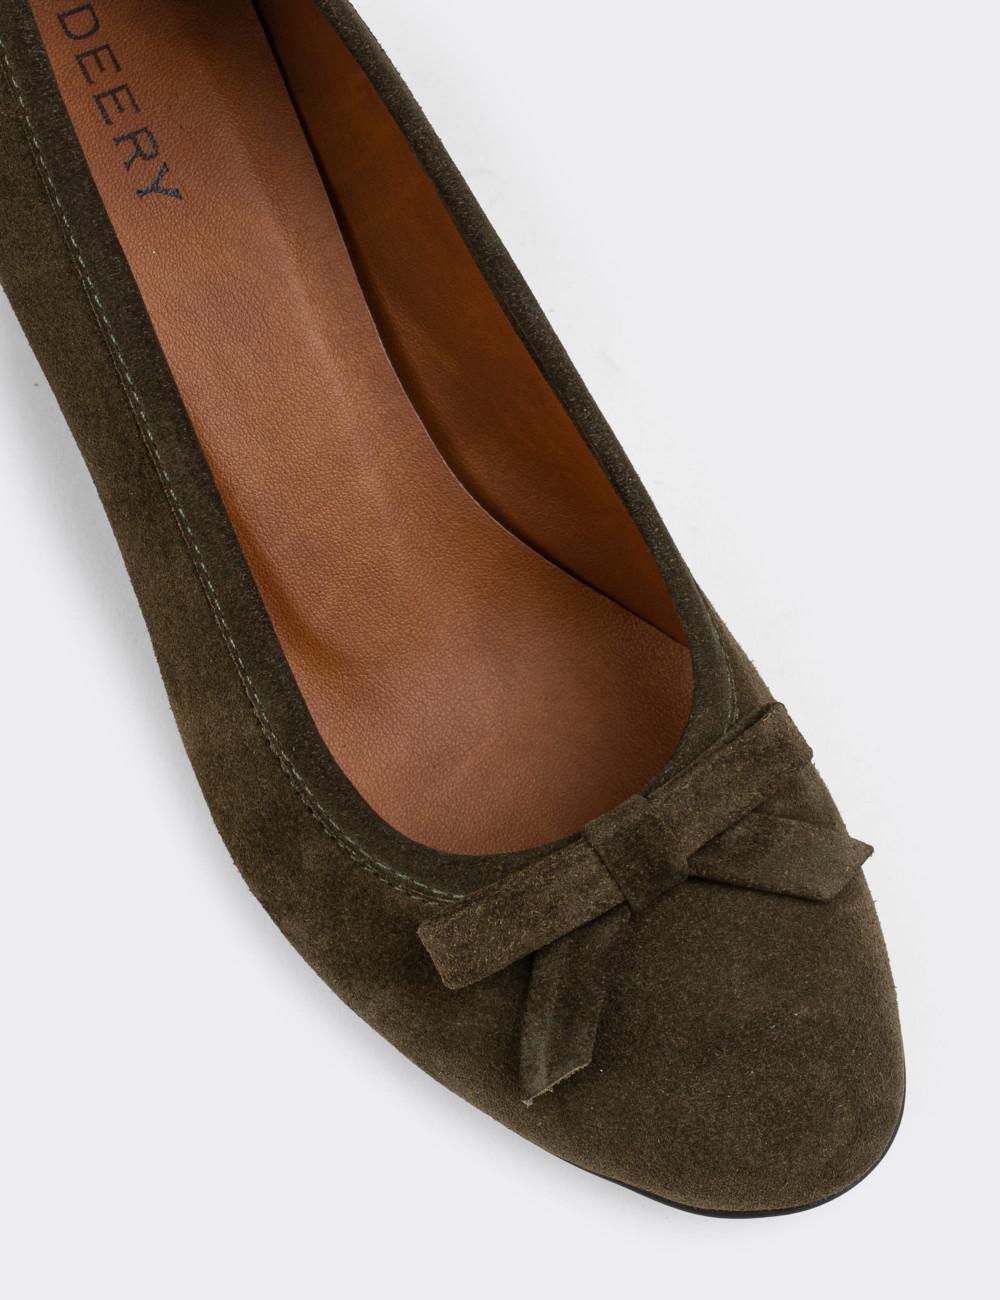 Hakiki Süet Haki Günlük Kadın Ayakkabı - E1471ZHAKC01